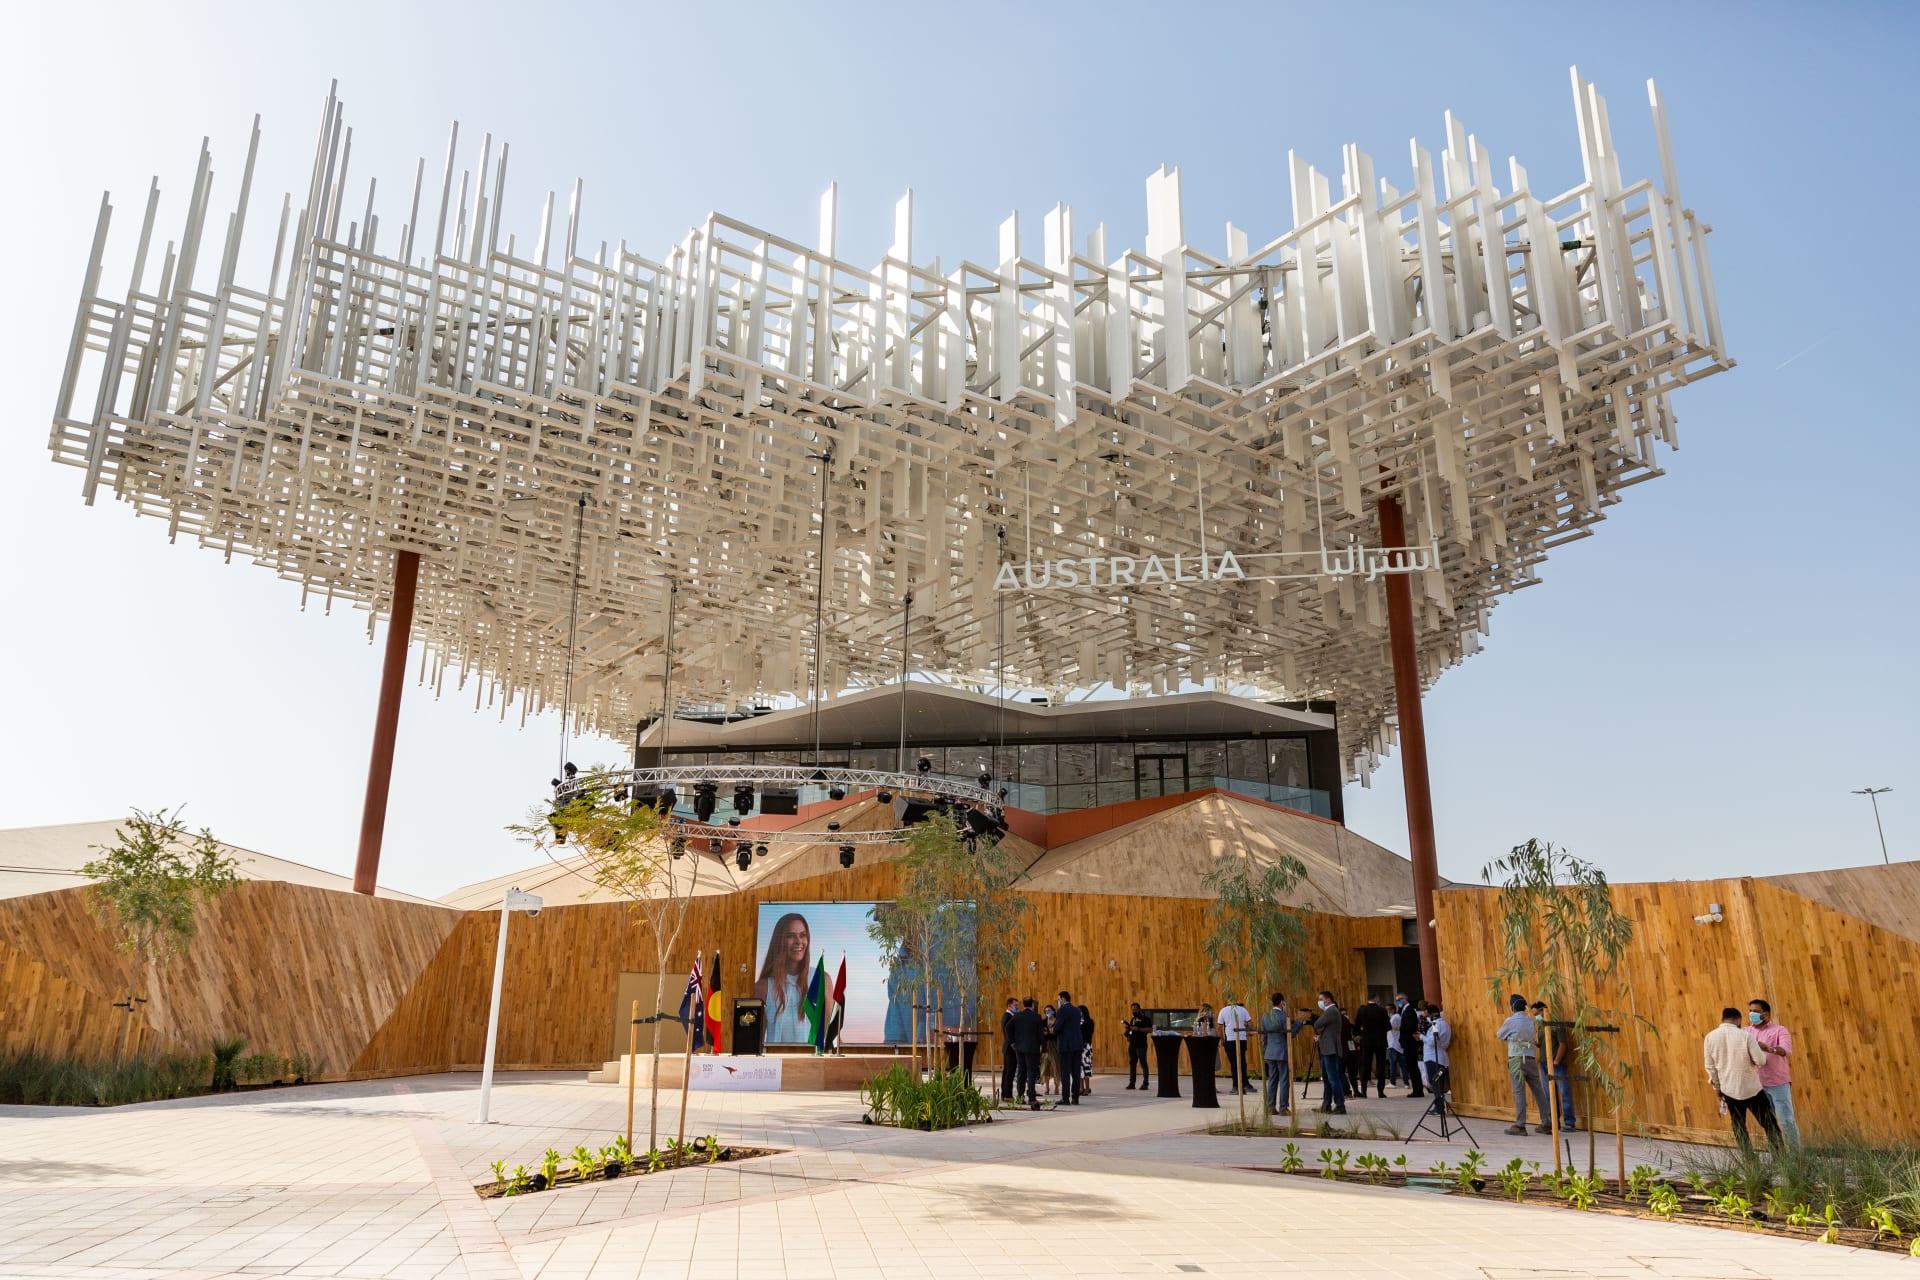 جناح أستراليا في إكسبو 2020 دبي